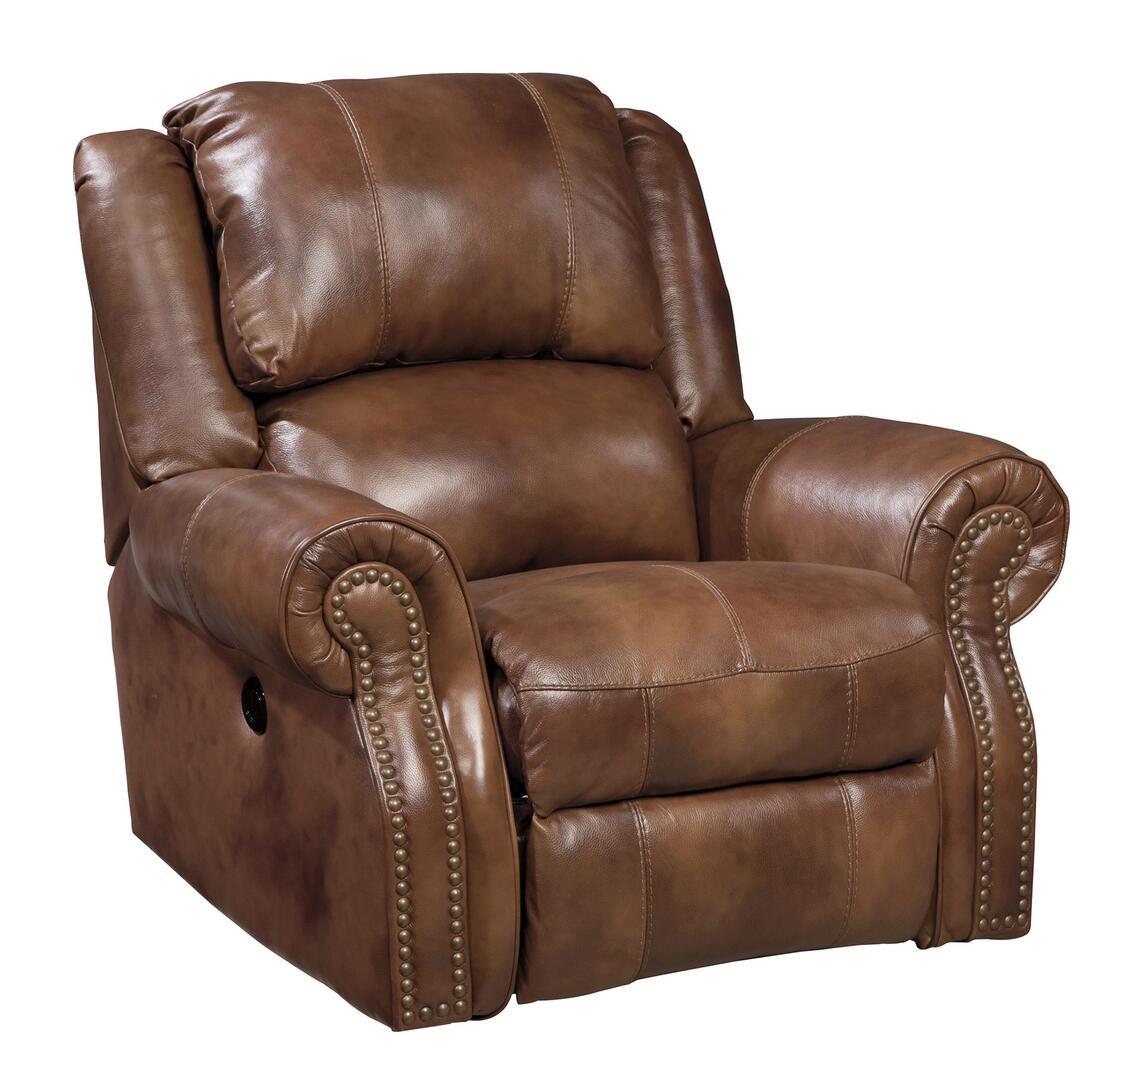 Ashley Furniture Brands: Signature Design By Ashley U7800198 Walworth Series